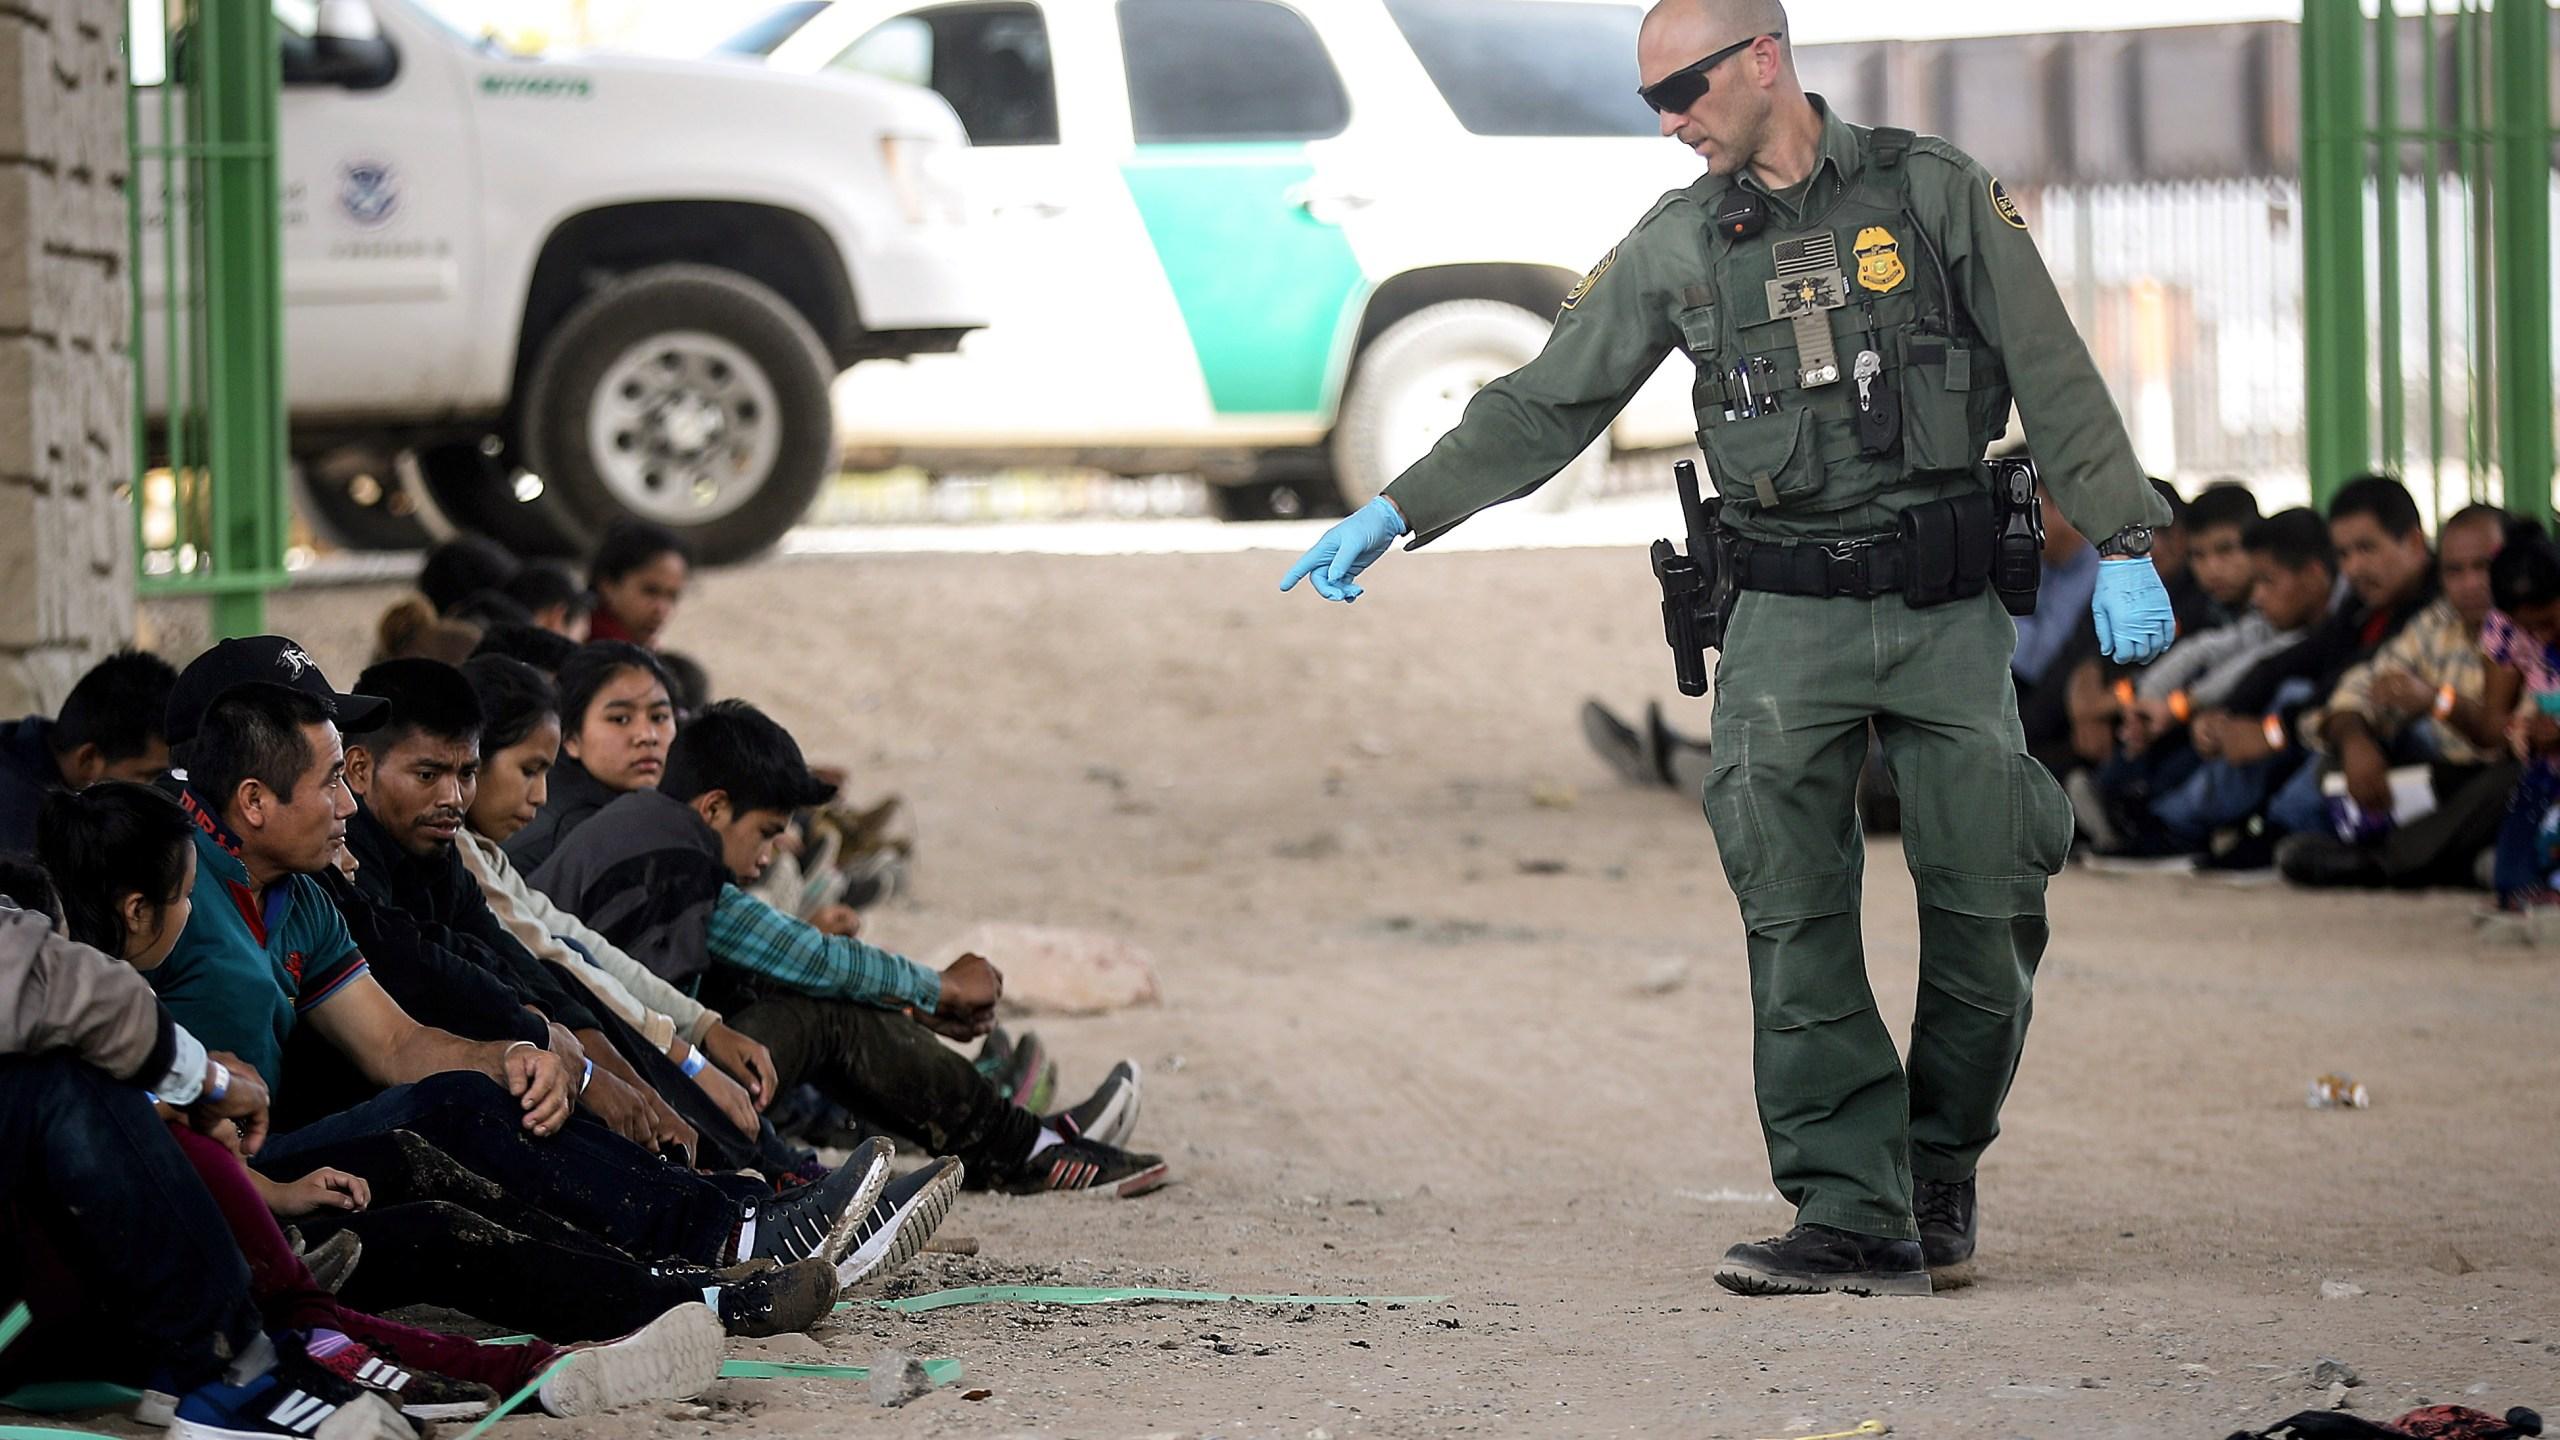 San Angelo Man Arrested after Drug Bust near Amarillo